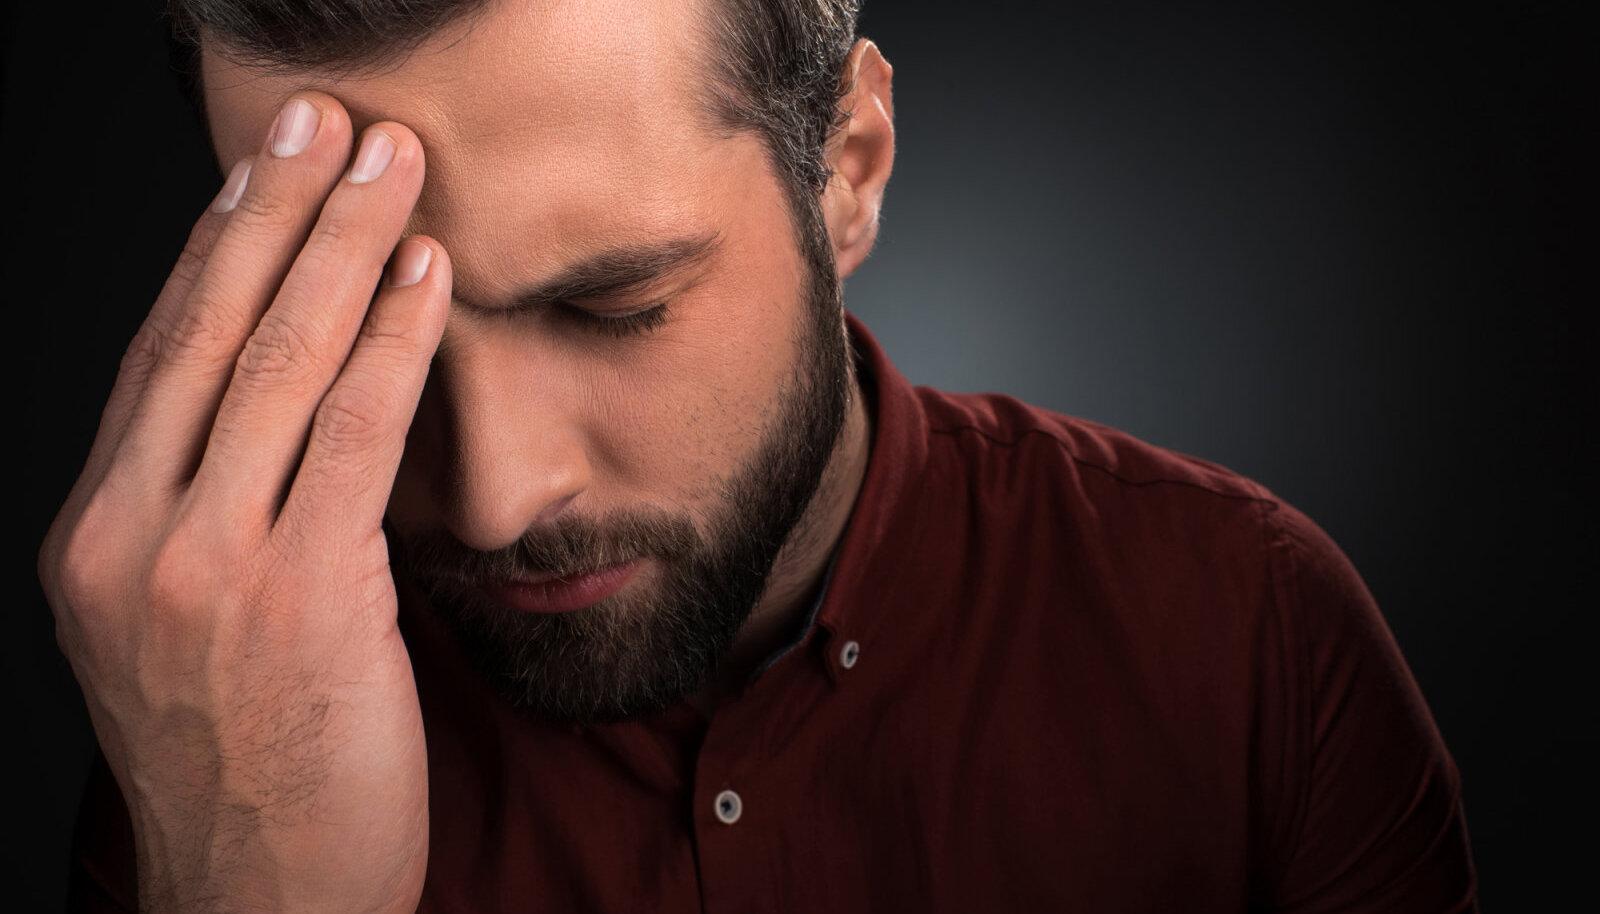 Uhise haiguse nutmine voi valu liigestes kondides trepist